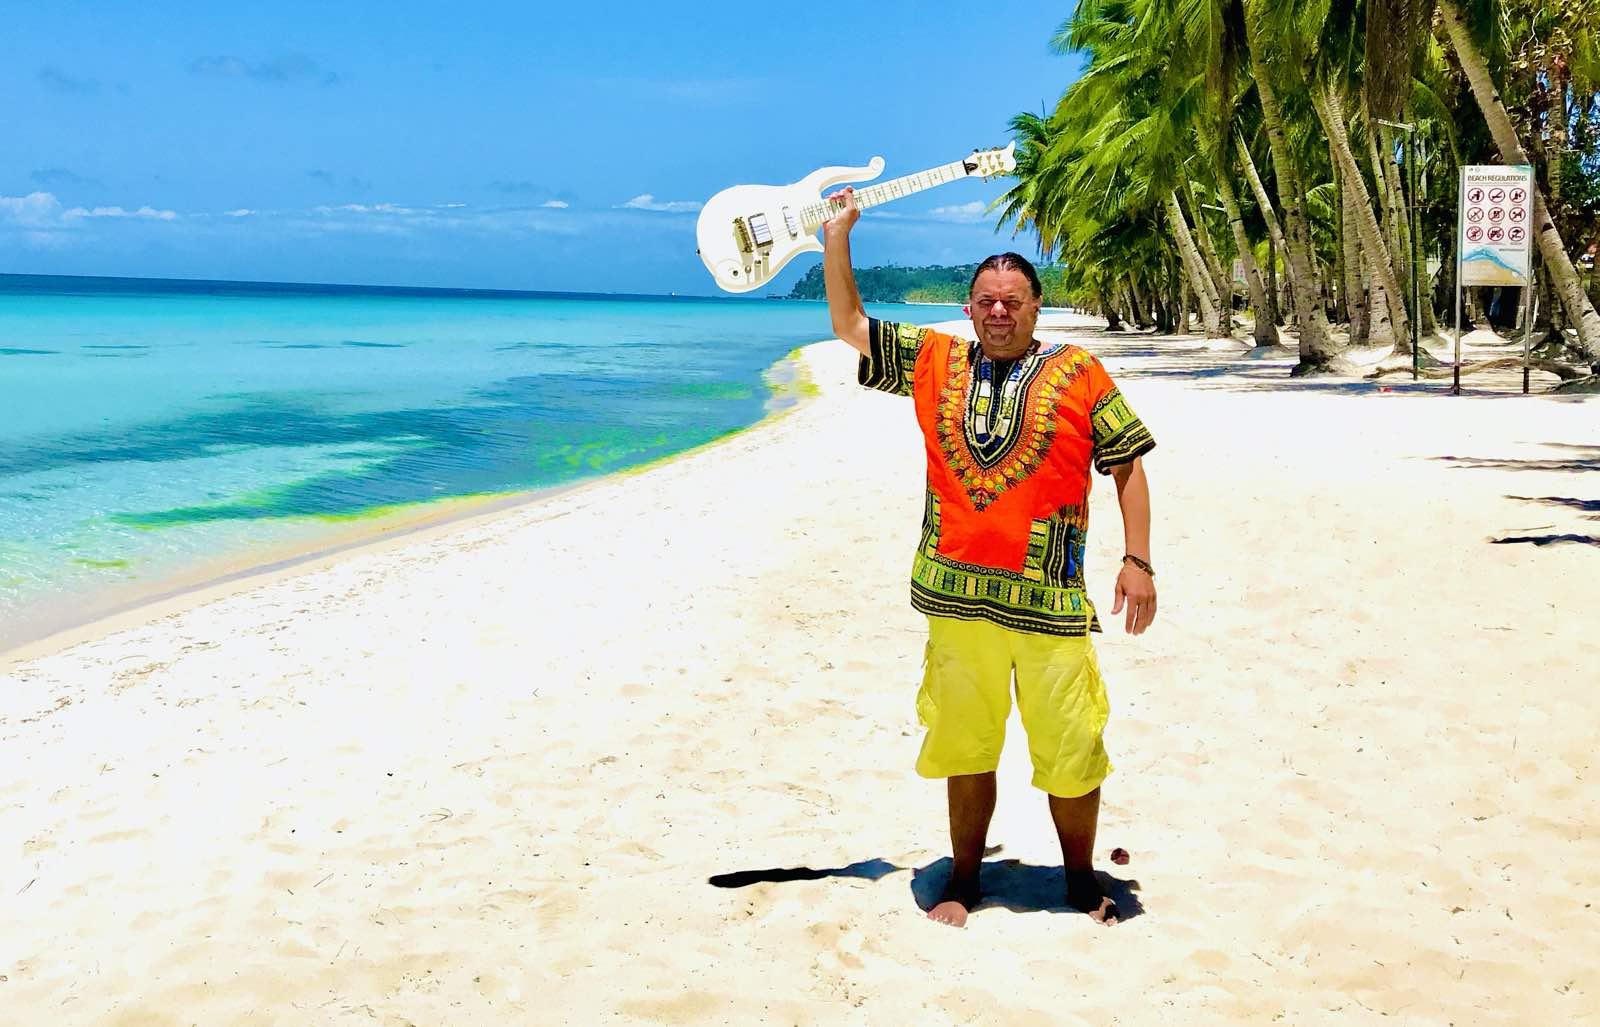 Geir strandet på Paradisøy – med gitar!